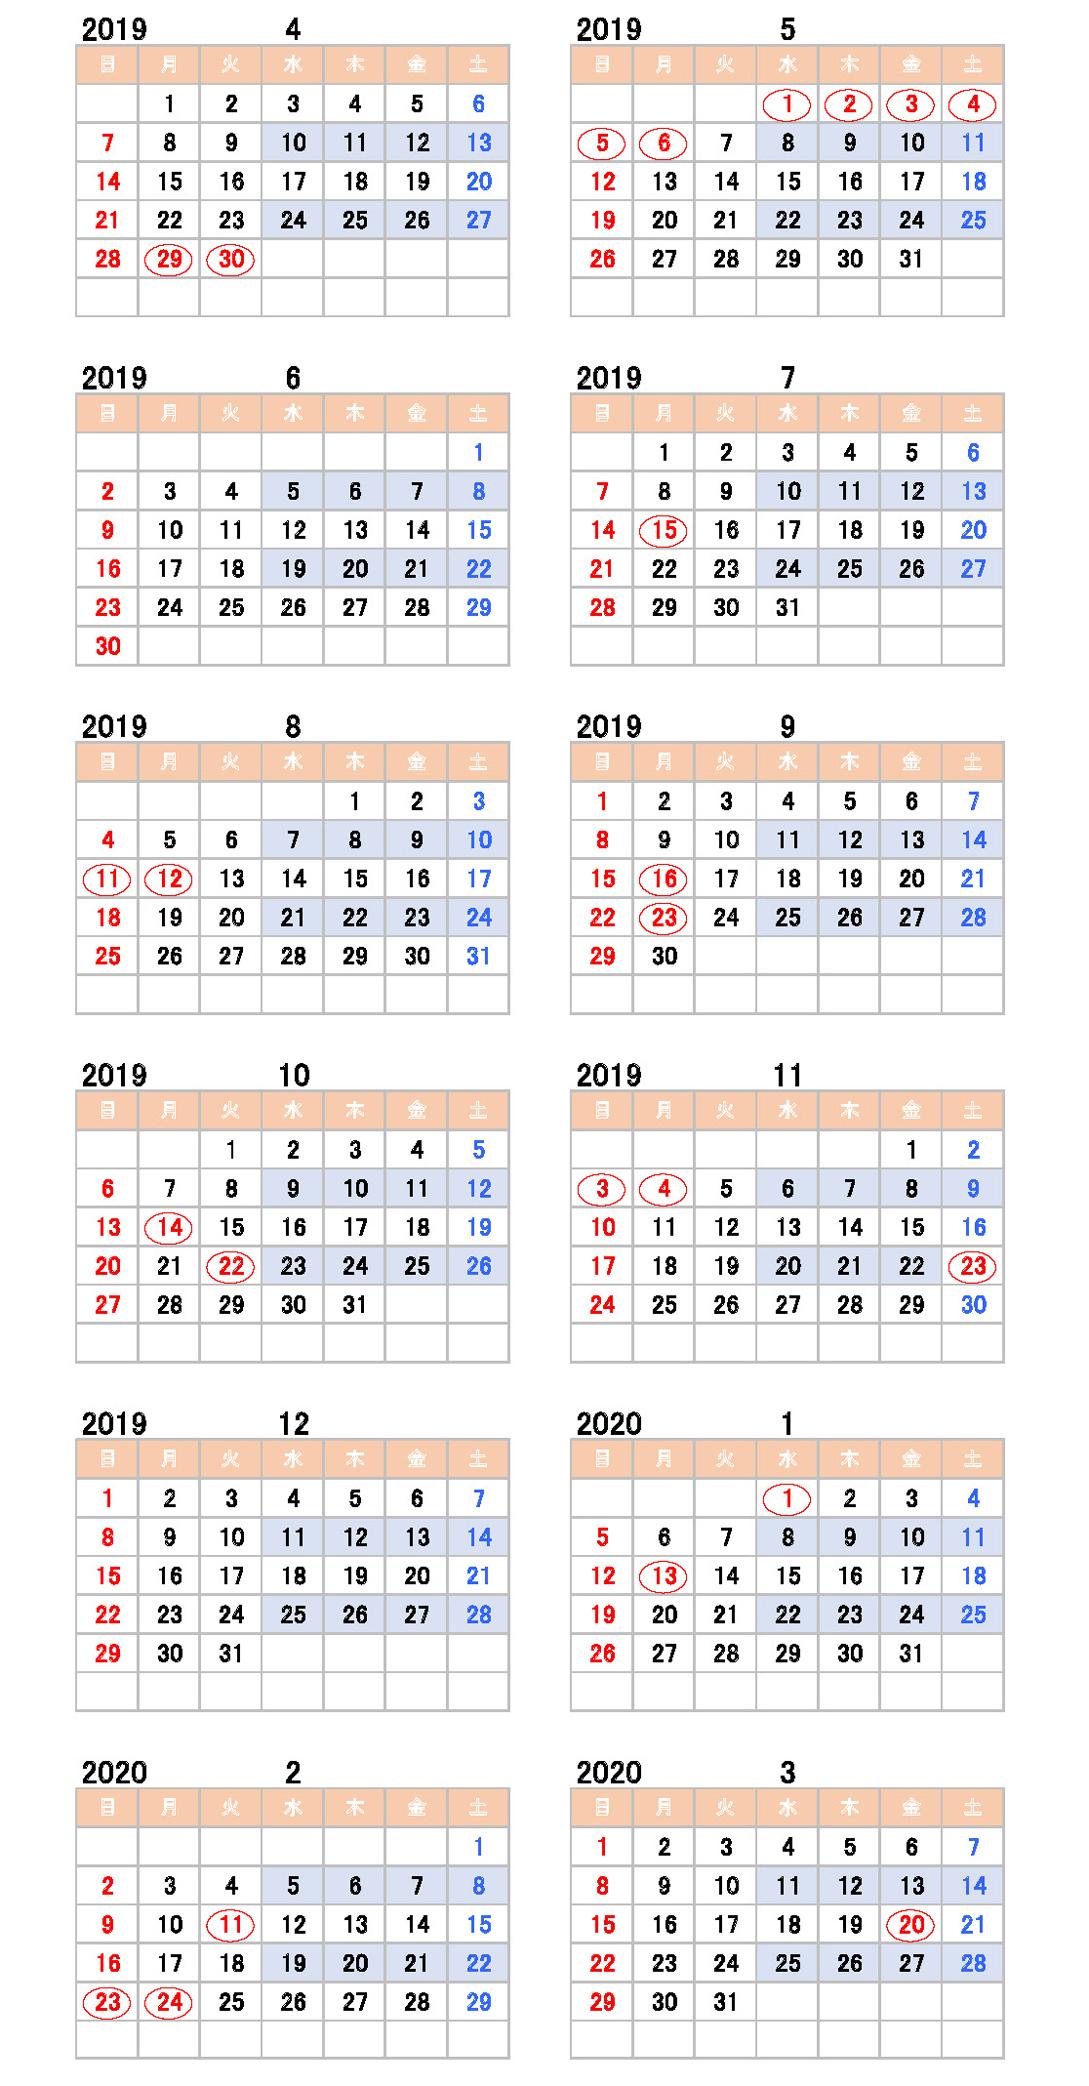 埼玉県東松山市のプログラミング教室なら【キッズプログラミング教室イルム】体験レッスン,埼玉、東松山、高坂、レッスンカレンダー